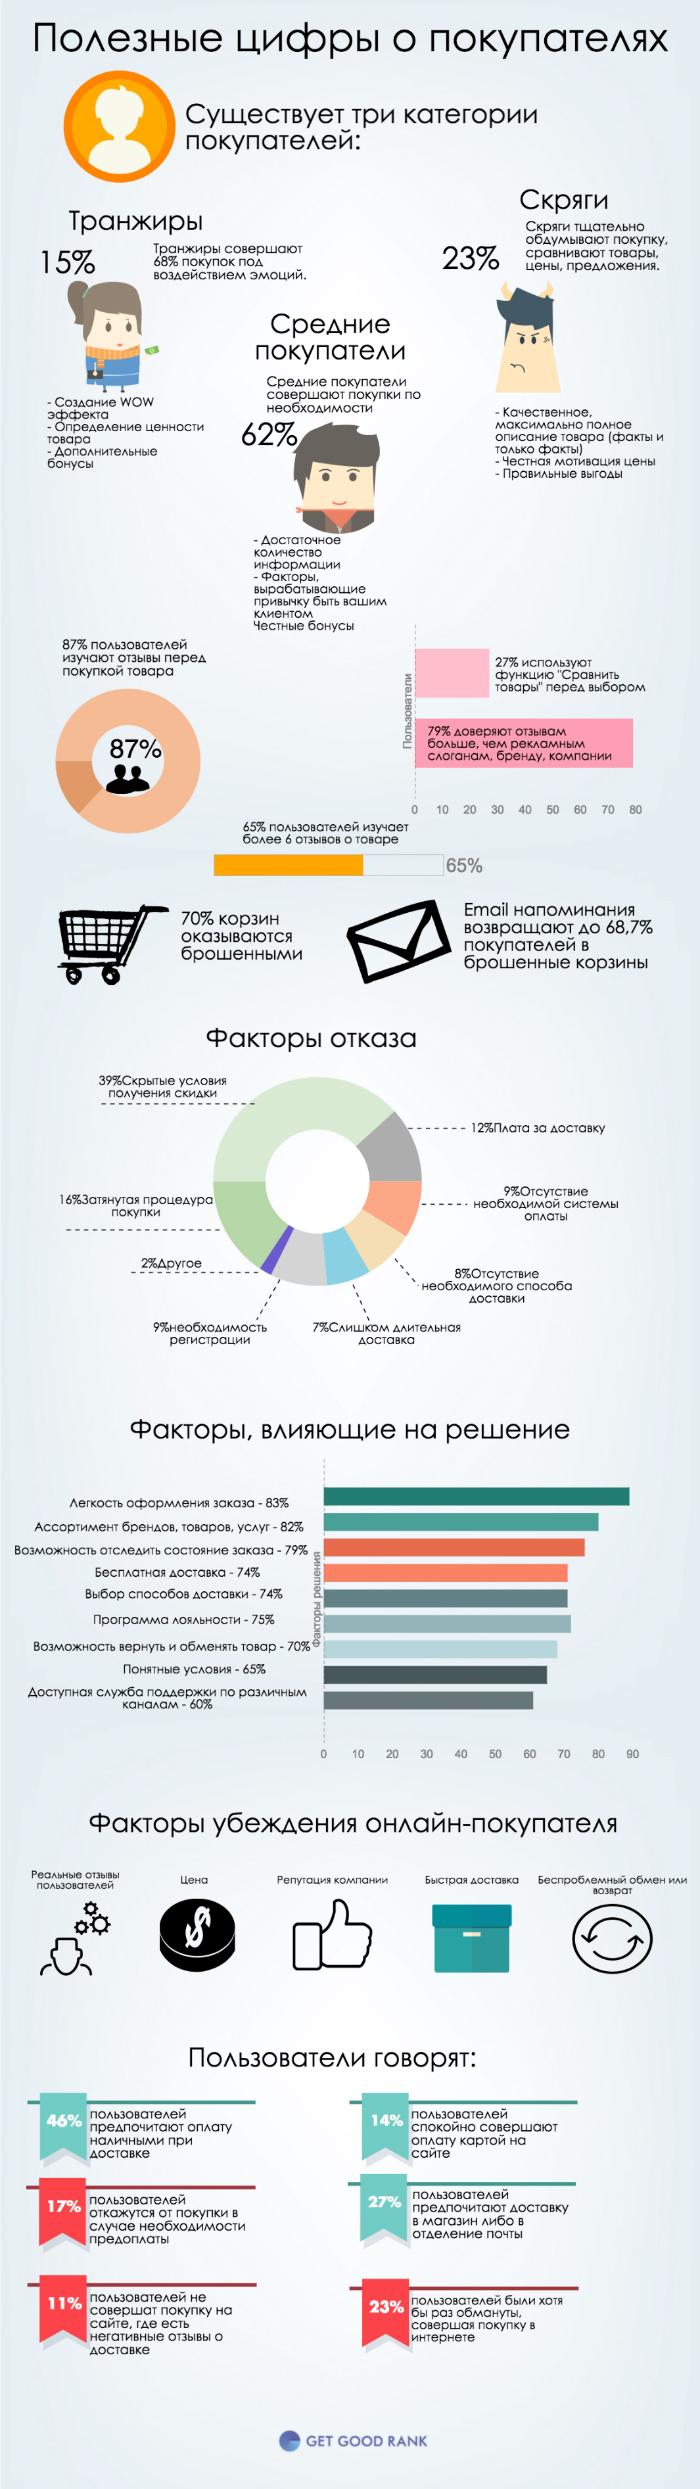 Онлайн пользователи в цифрах